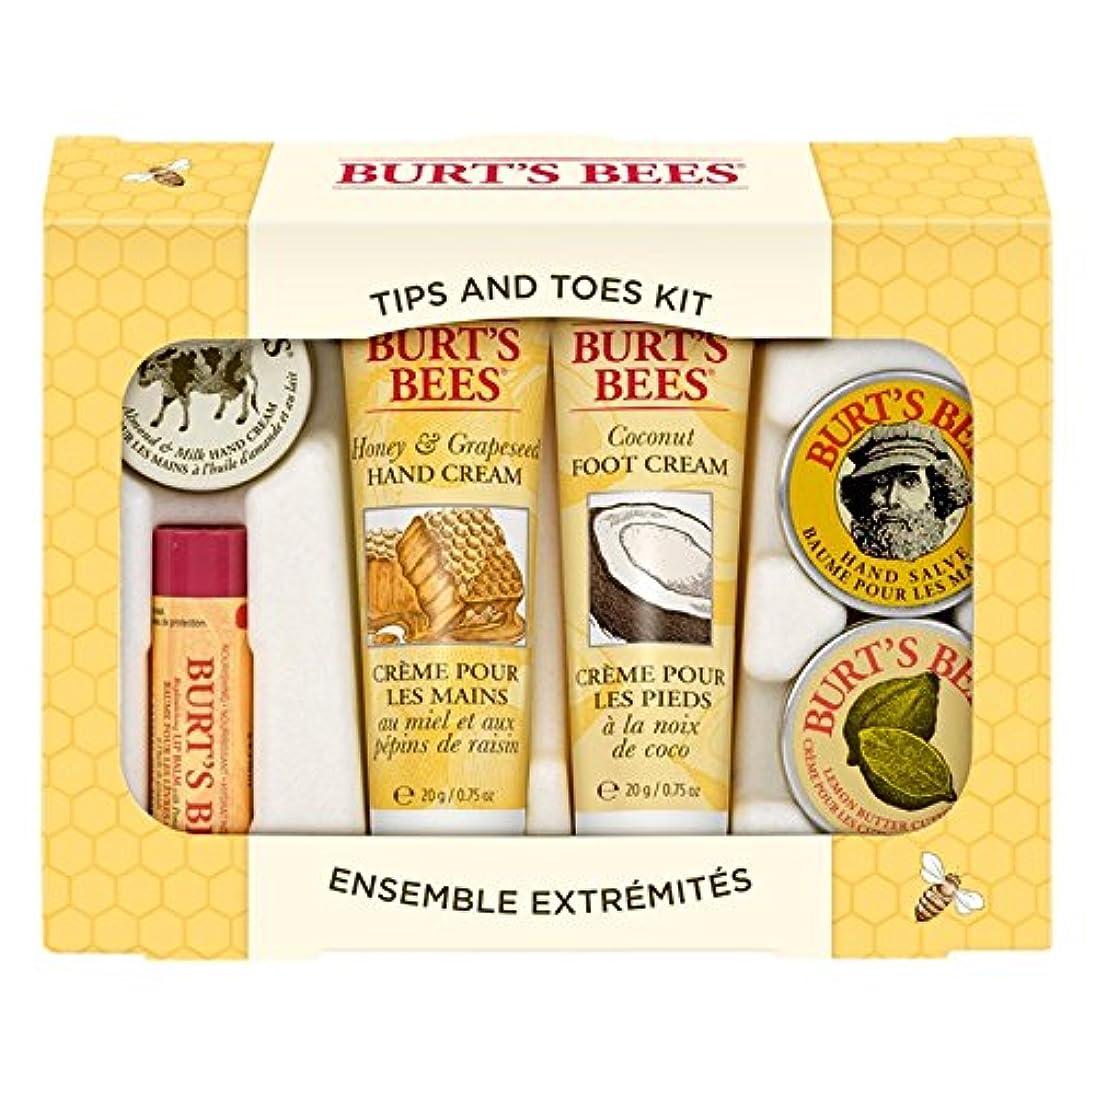 裁判所警官フィドルバーツビーのヒントとつま先はスターターキットをスキンケア (Burt's Bees) (x2) - Burt's Bees Tips And Toes Skincare Starter Kit (Pack of 2) [...